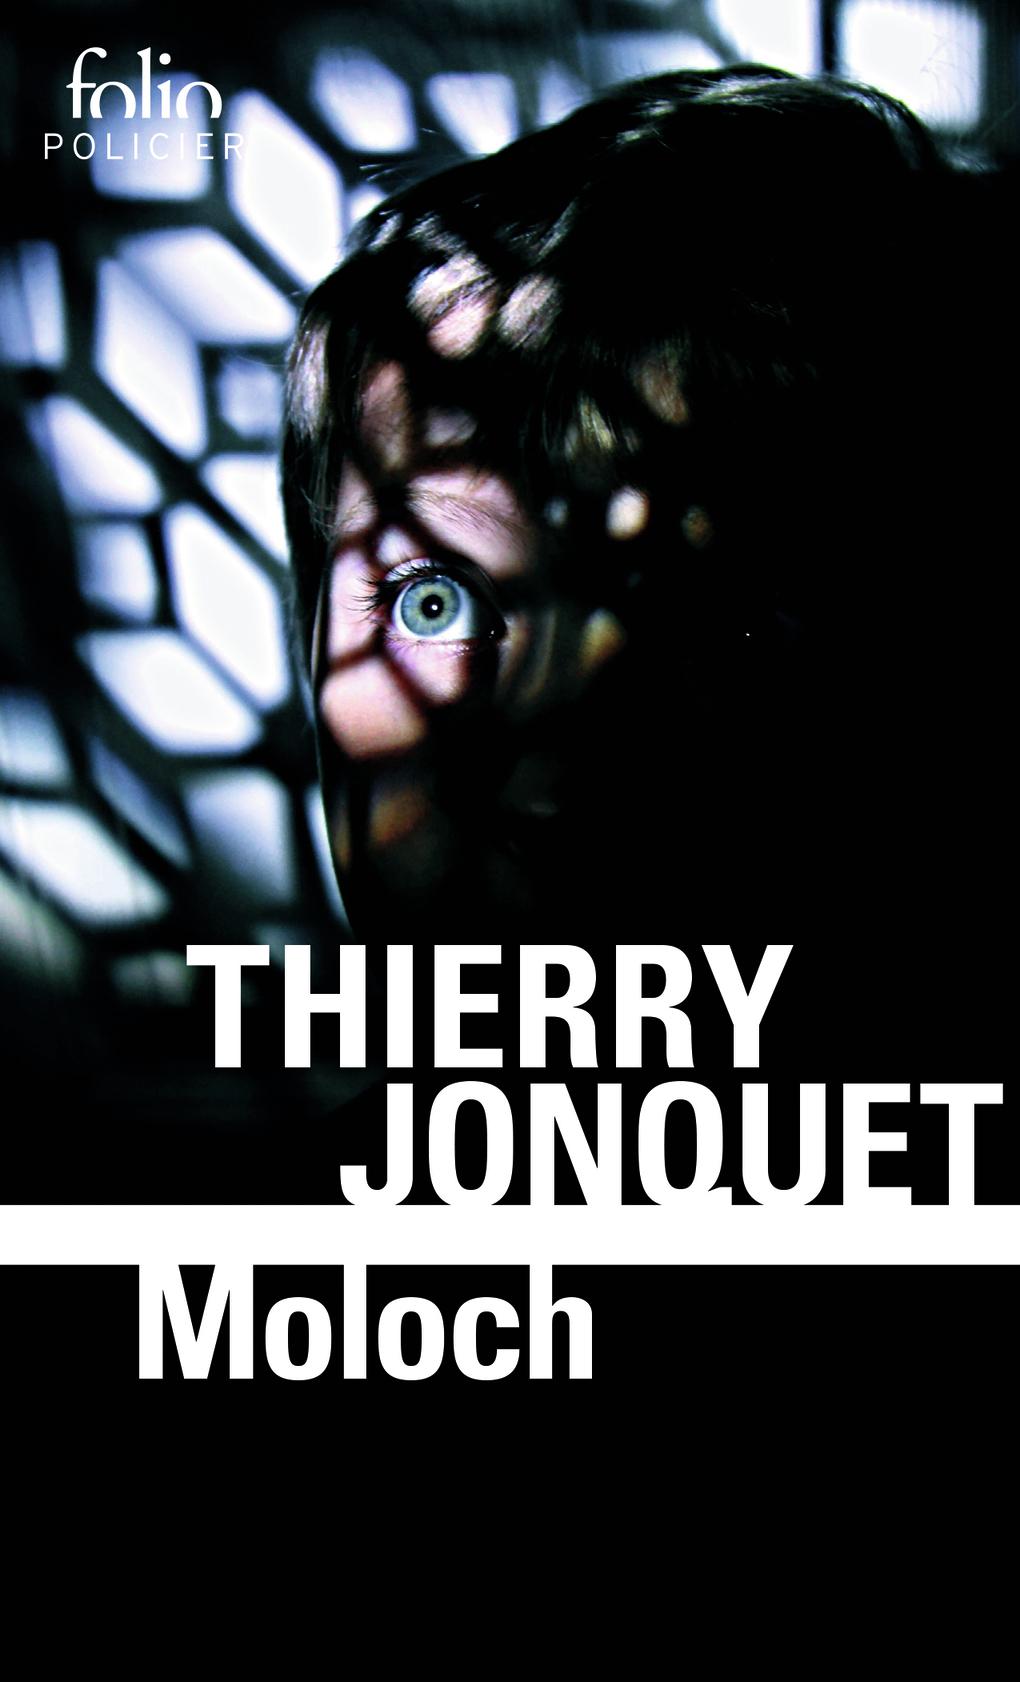 Moloch |